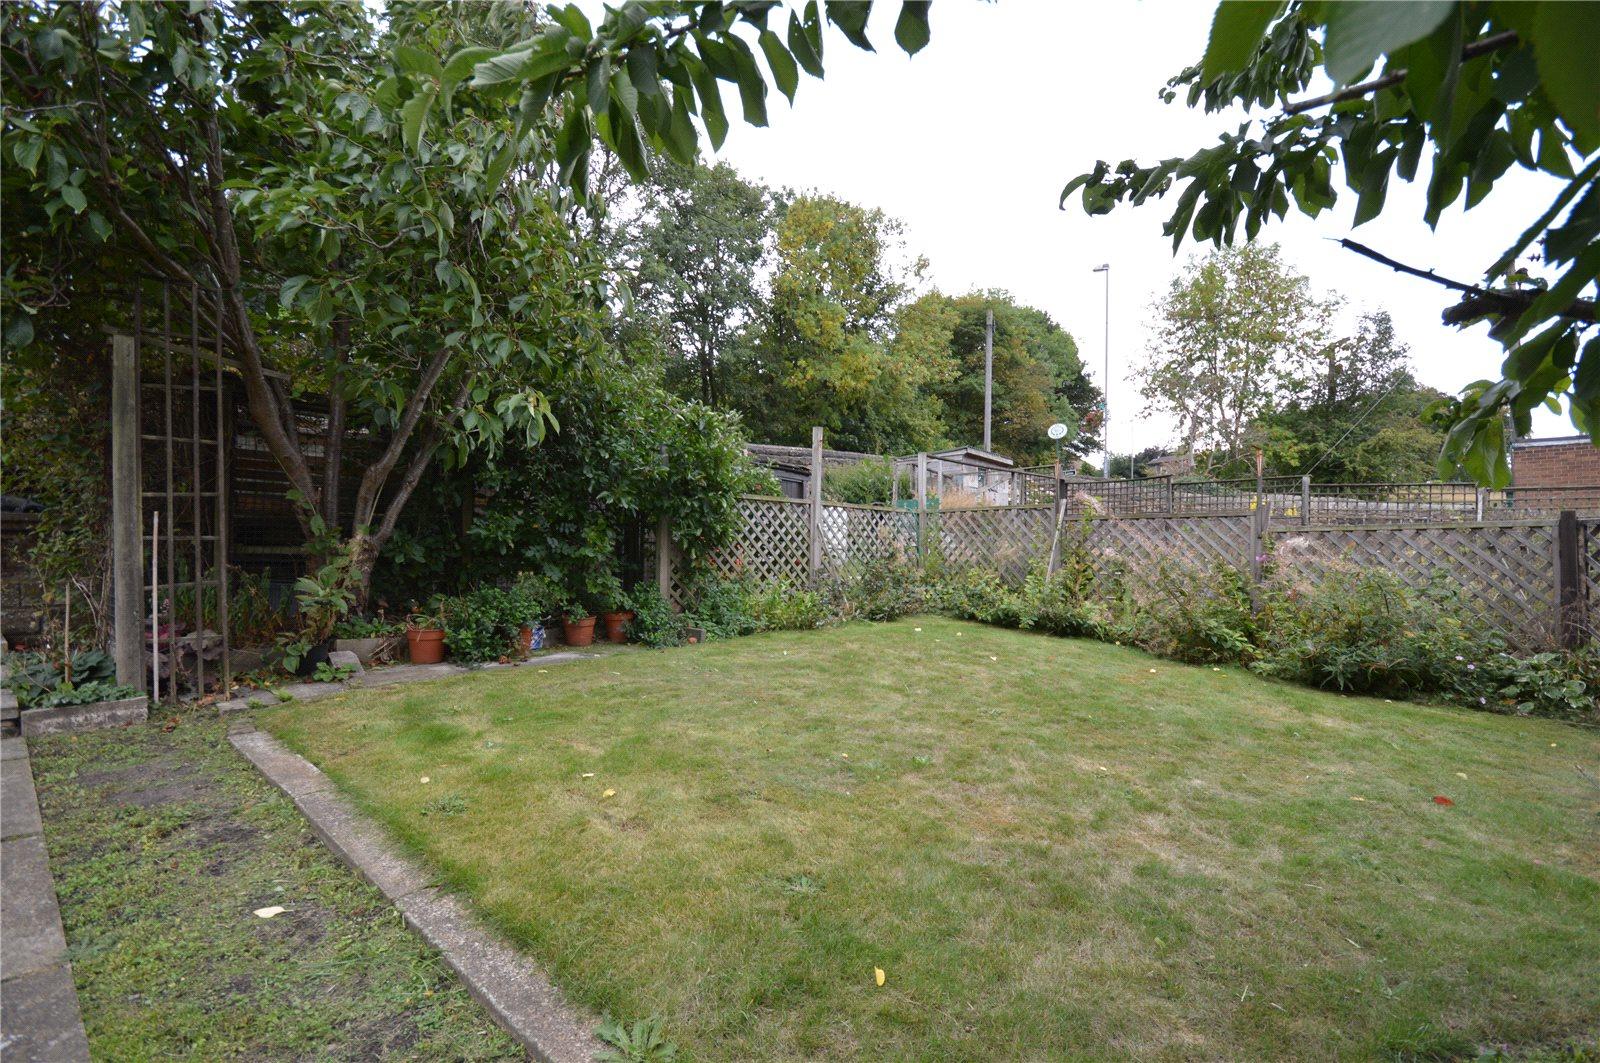 property for sale in Wakefield, rear garden